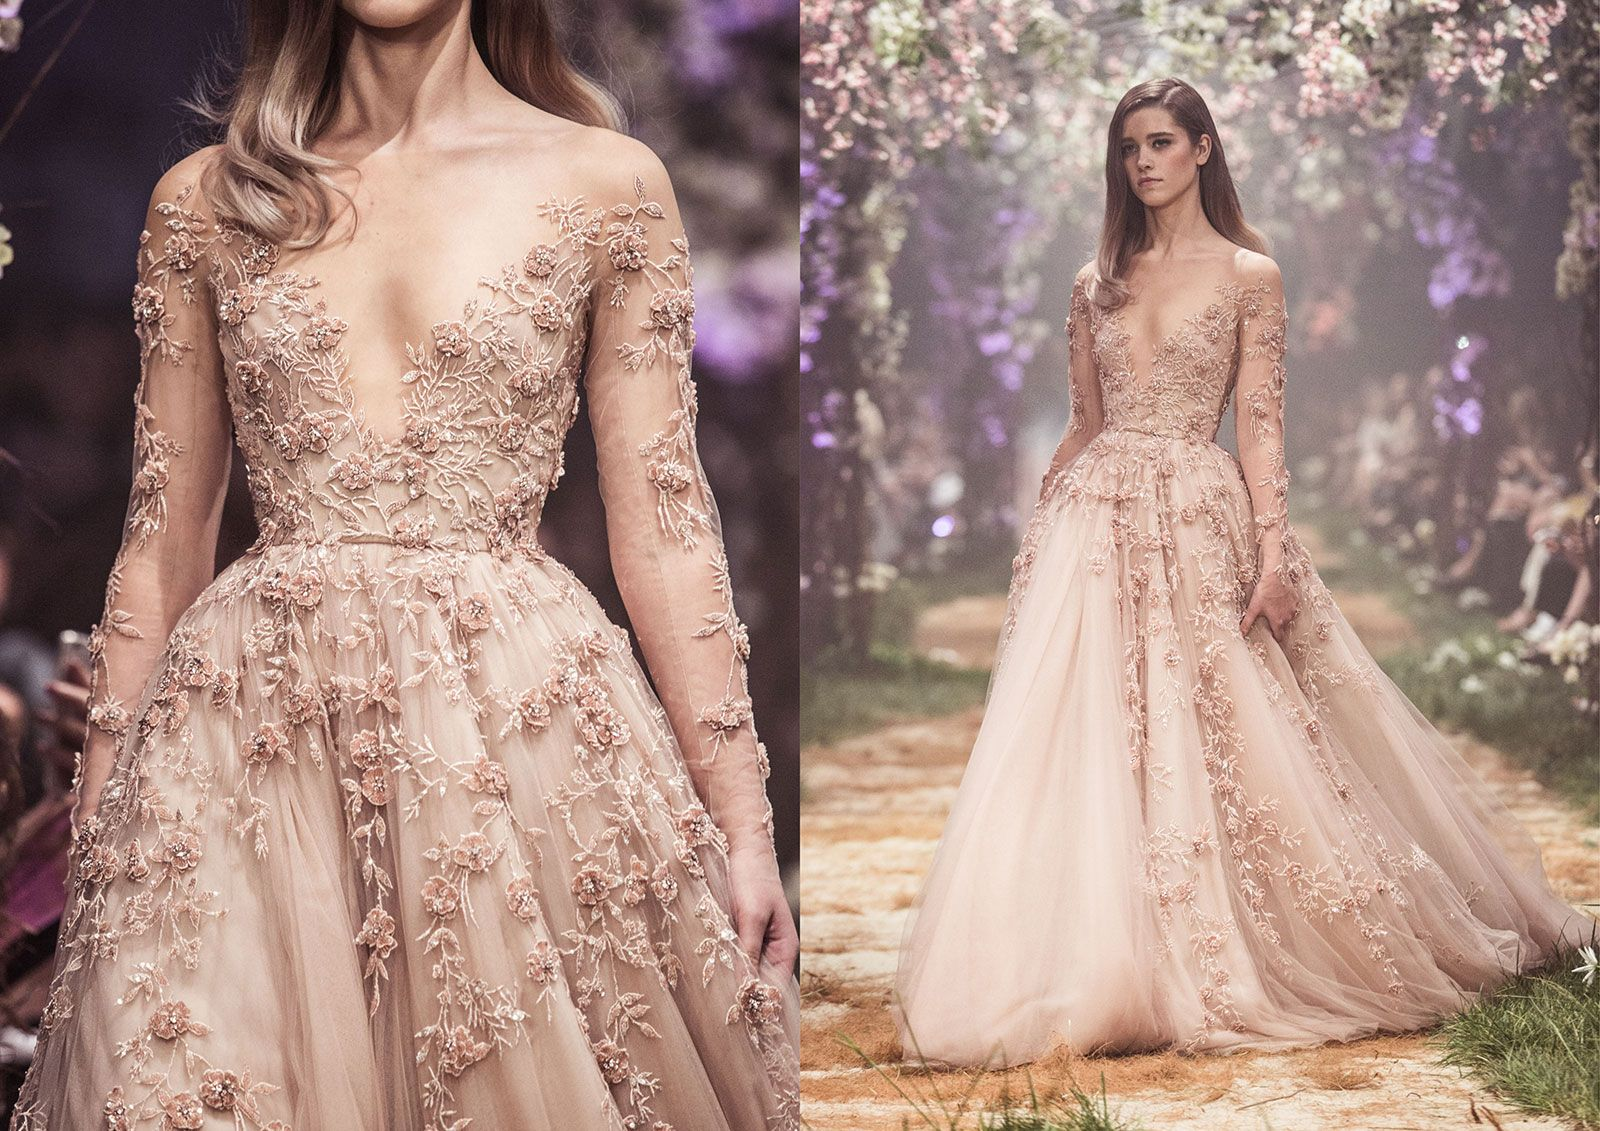 ss couture paolo sebastian estilo femenino couture